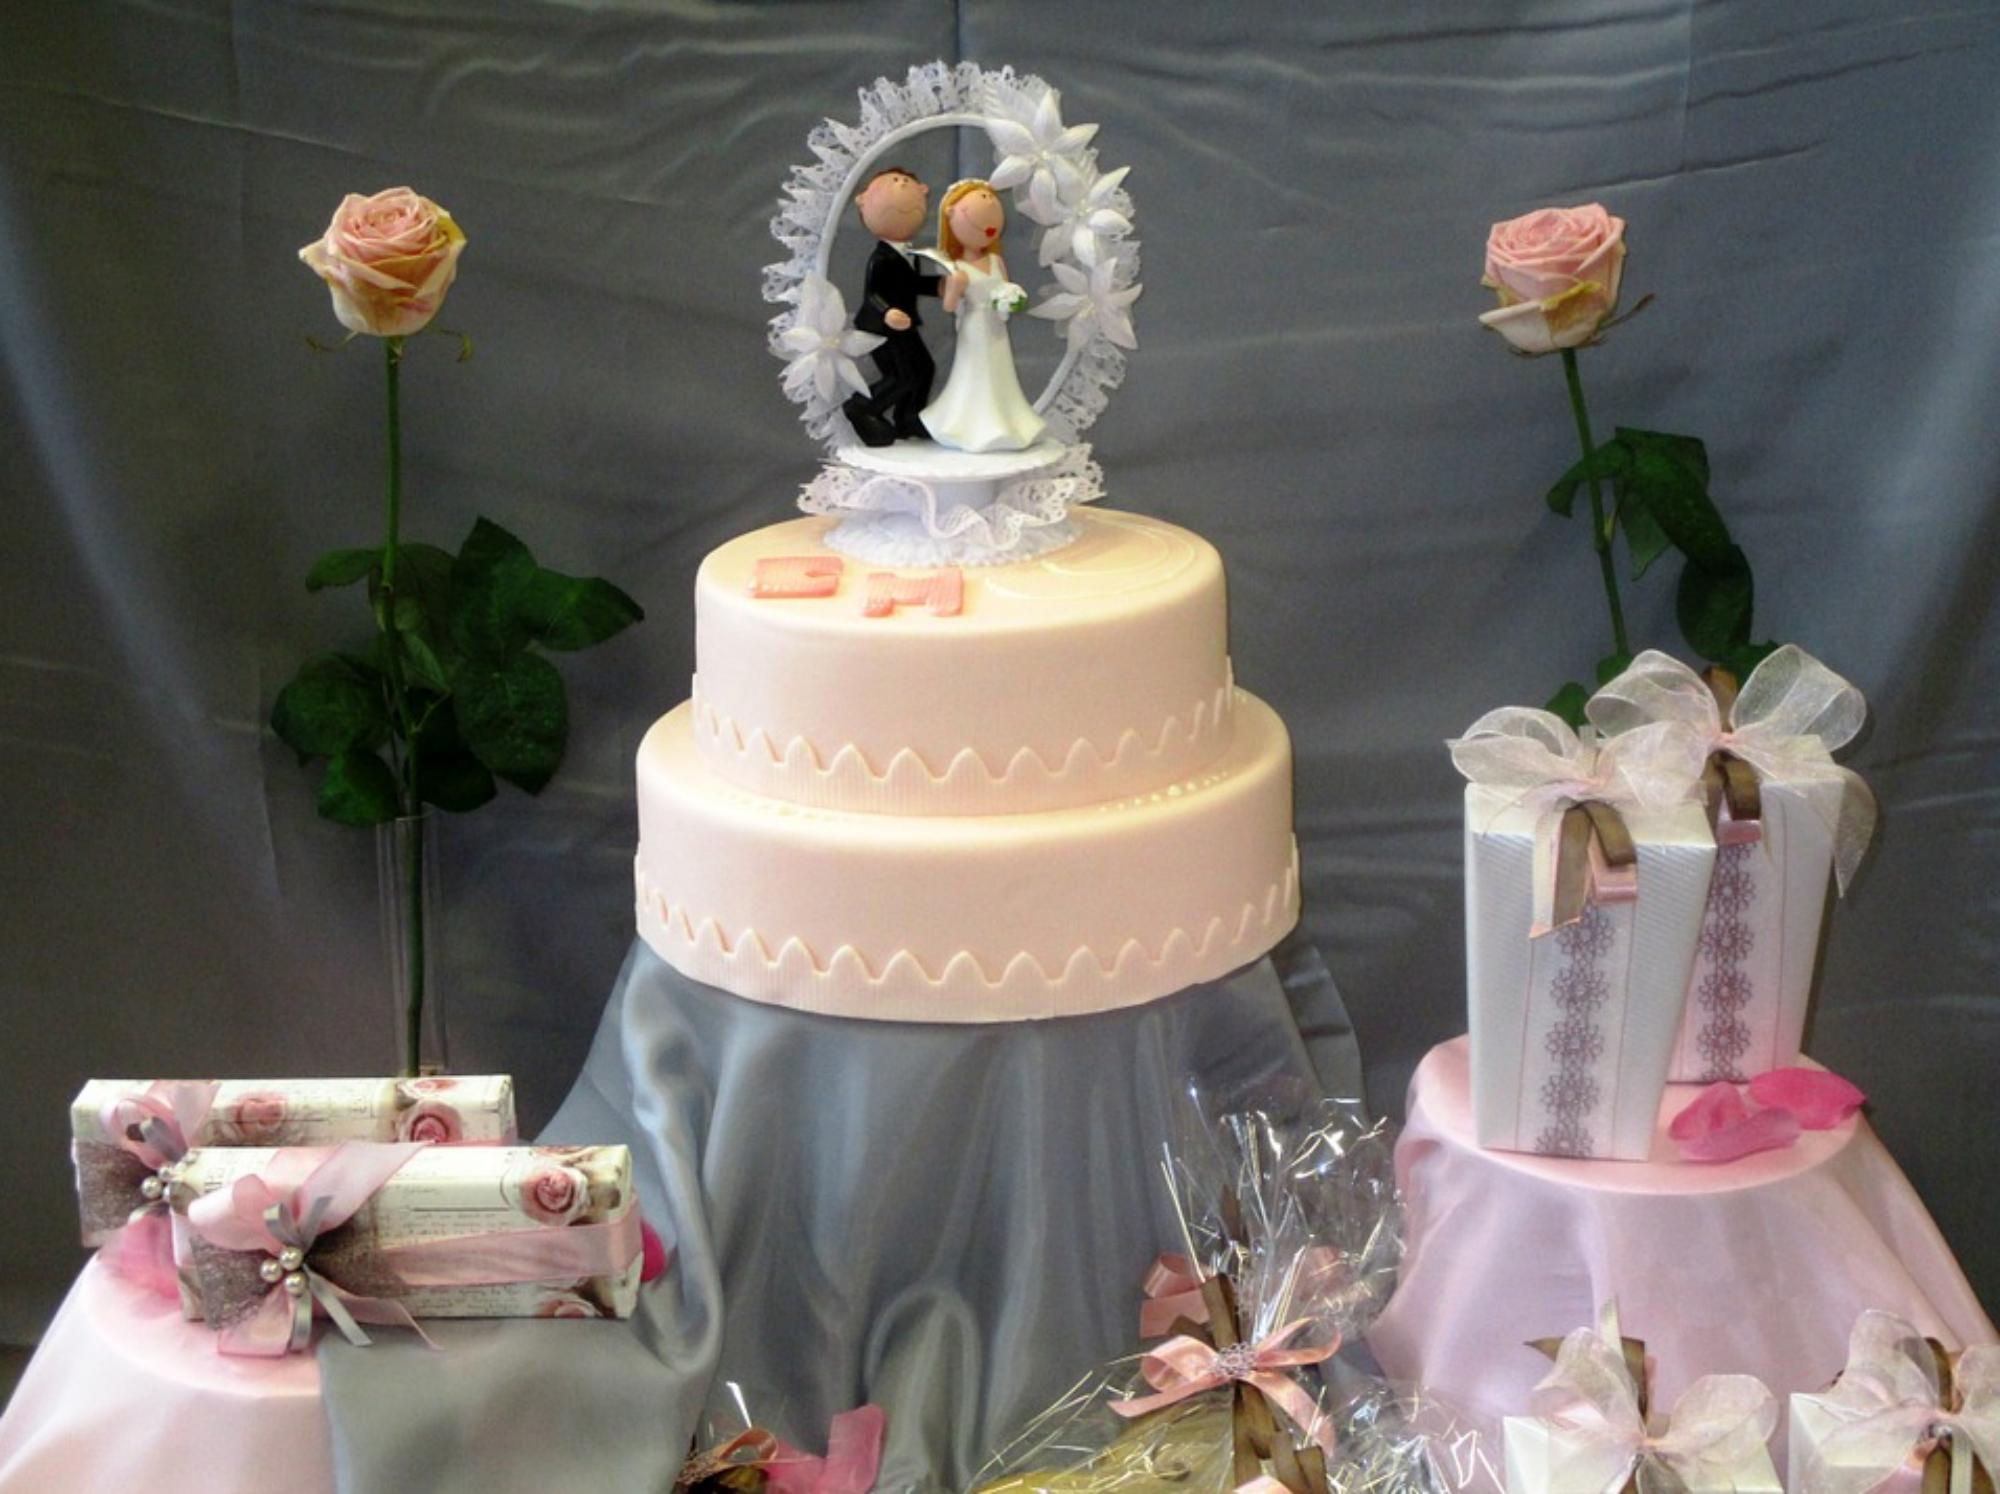 boda pastis / Pixabay